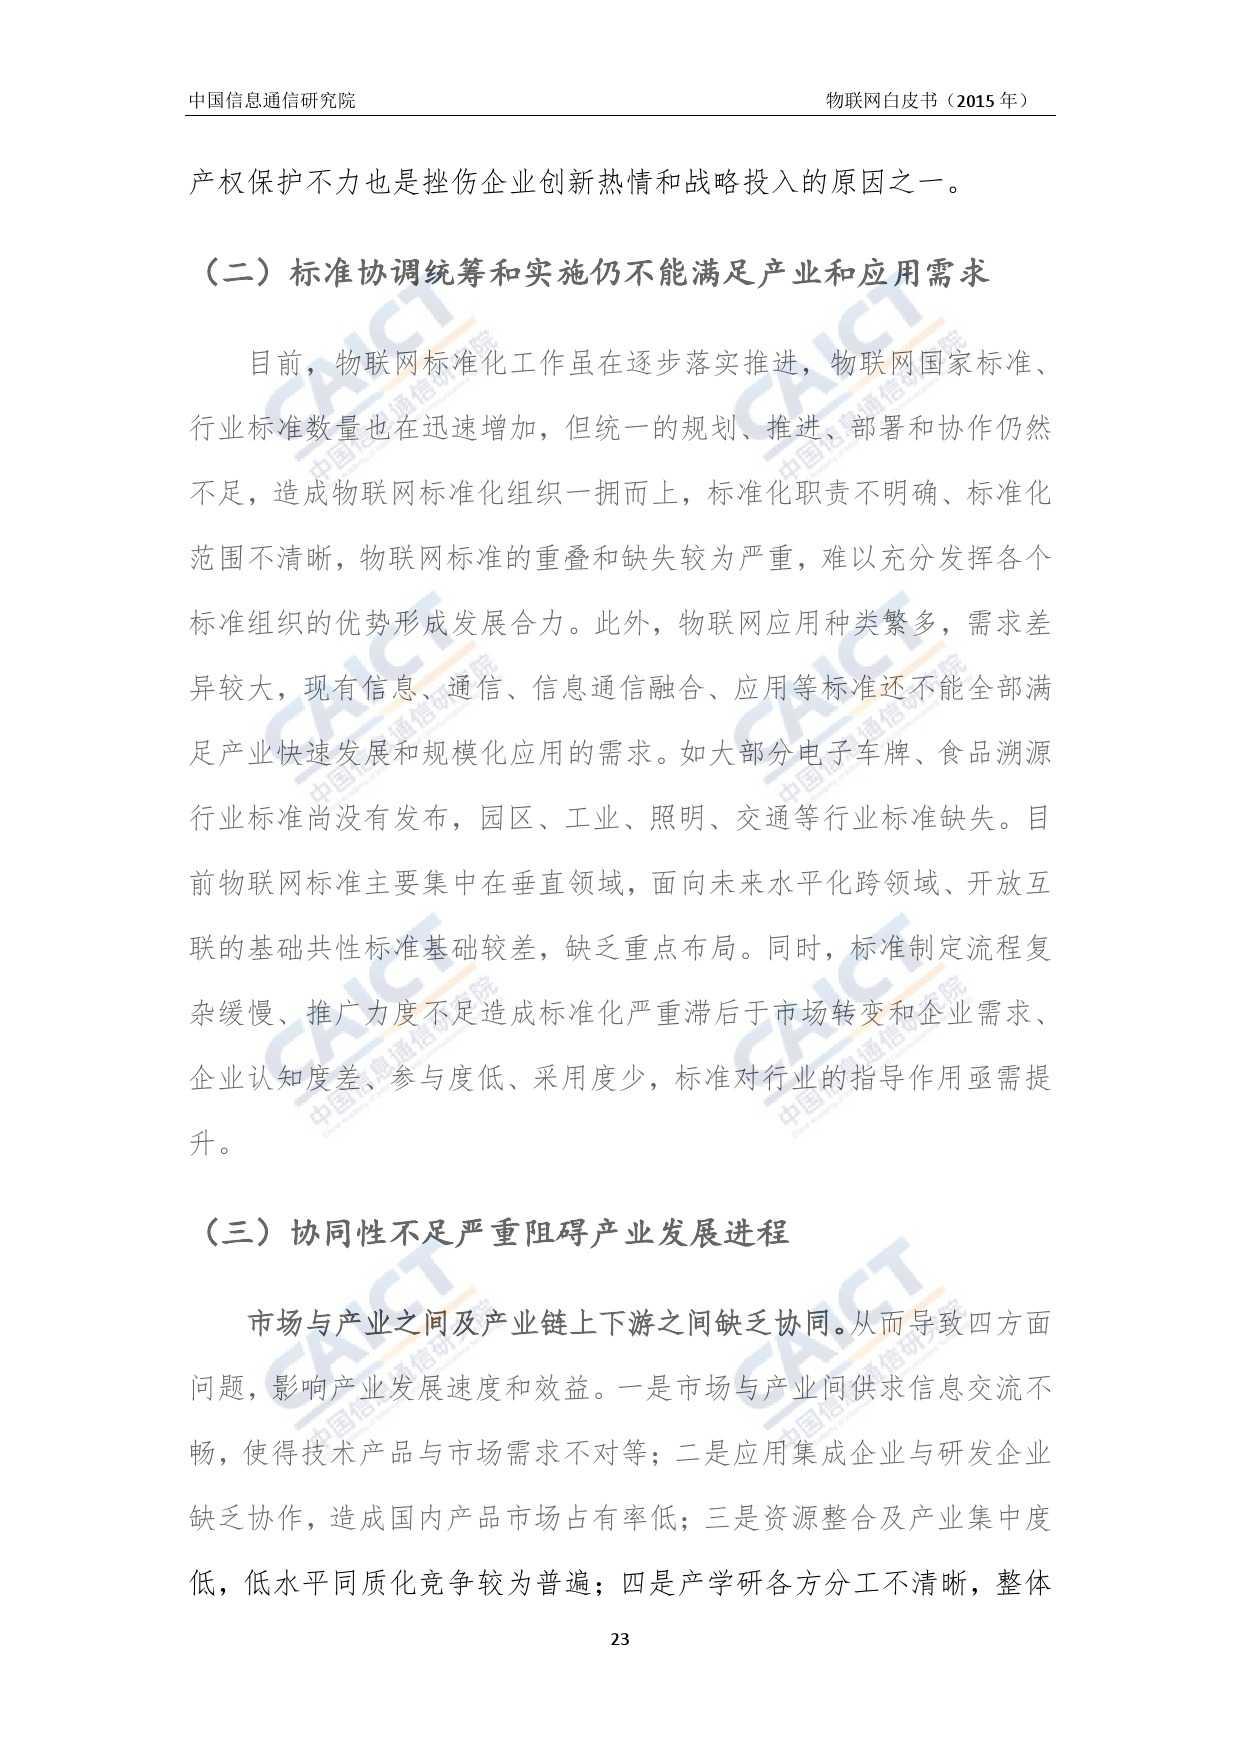 中国信息通信研究院:2015年物联网白皮书_000027